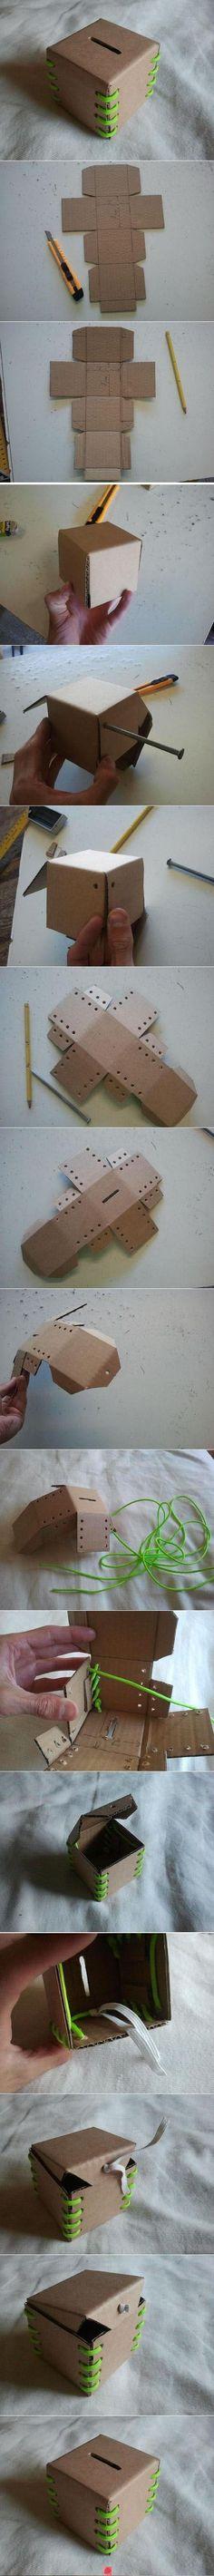 laboratori per bambini  salvadanaio cubo scatola